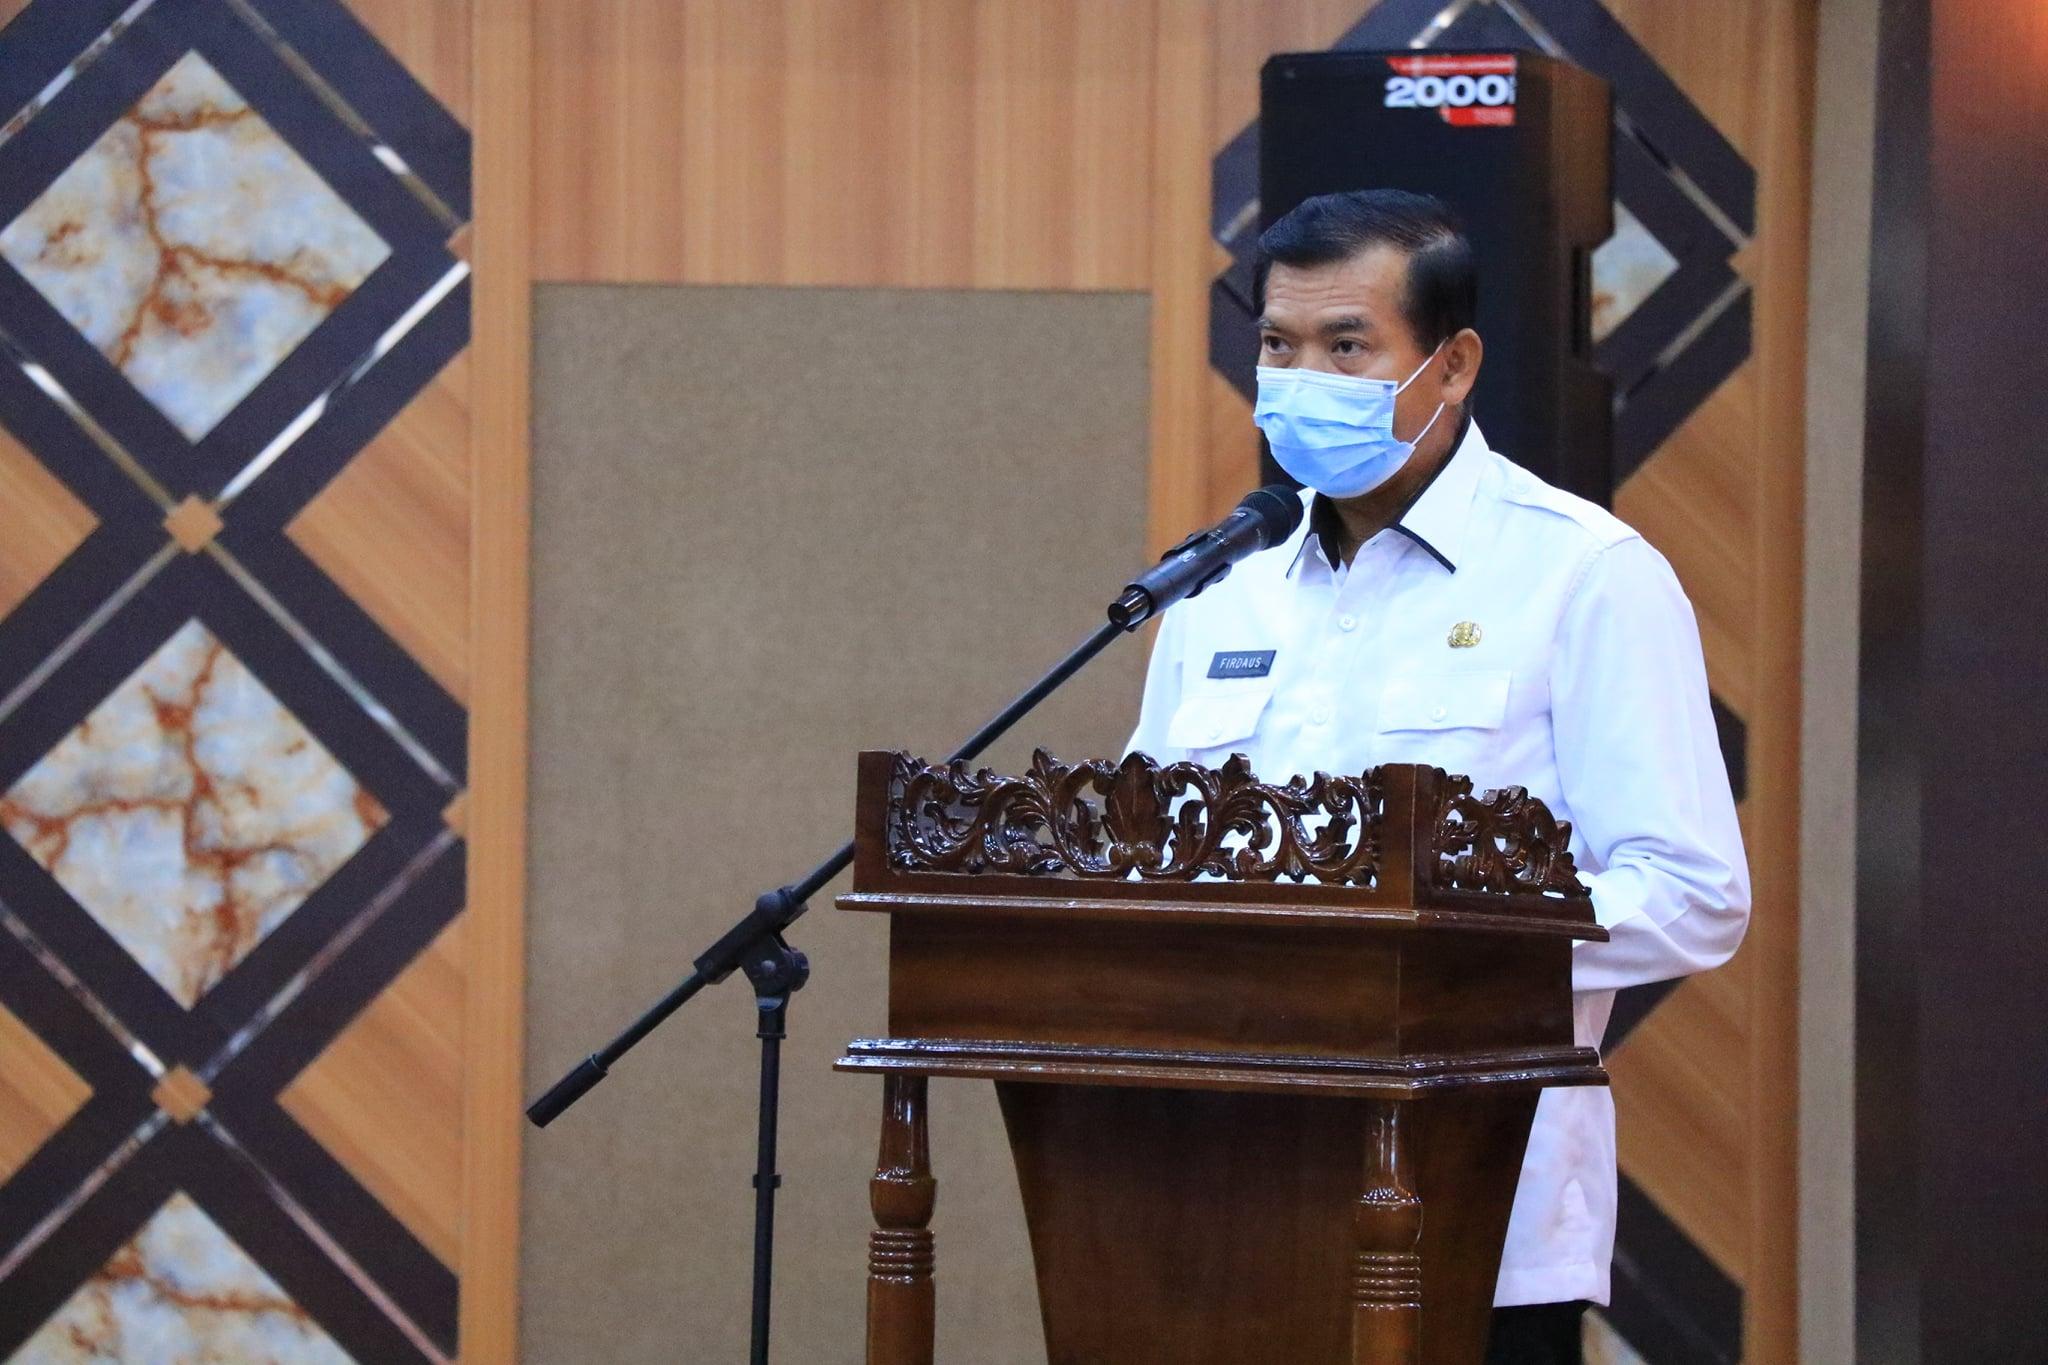 Wali Kota Pekanbaru Ajak Seluruh OPD Bekerjasama Raih SAKIP Predikat A